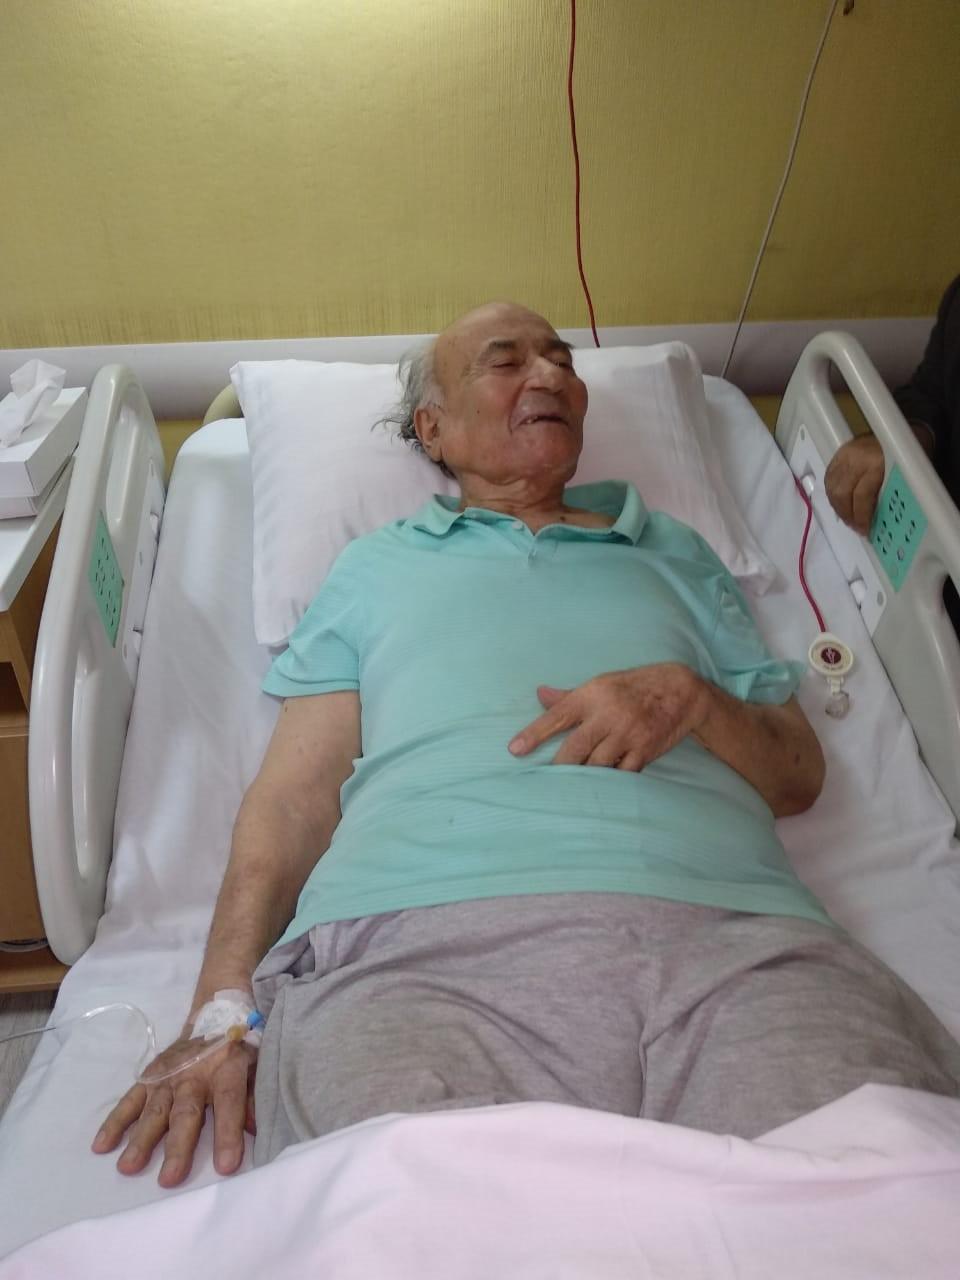 نقل الدكتوريوسف والى لمستشفى الزراعيين..وفريق طبى يعد تقريرا حول حالته  114456-يوسف-والى--فى--حضرة-مستشفى-الزراعيين-(10)